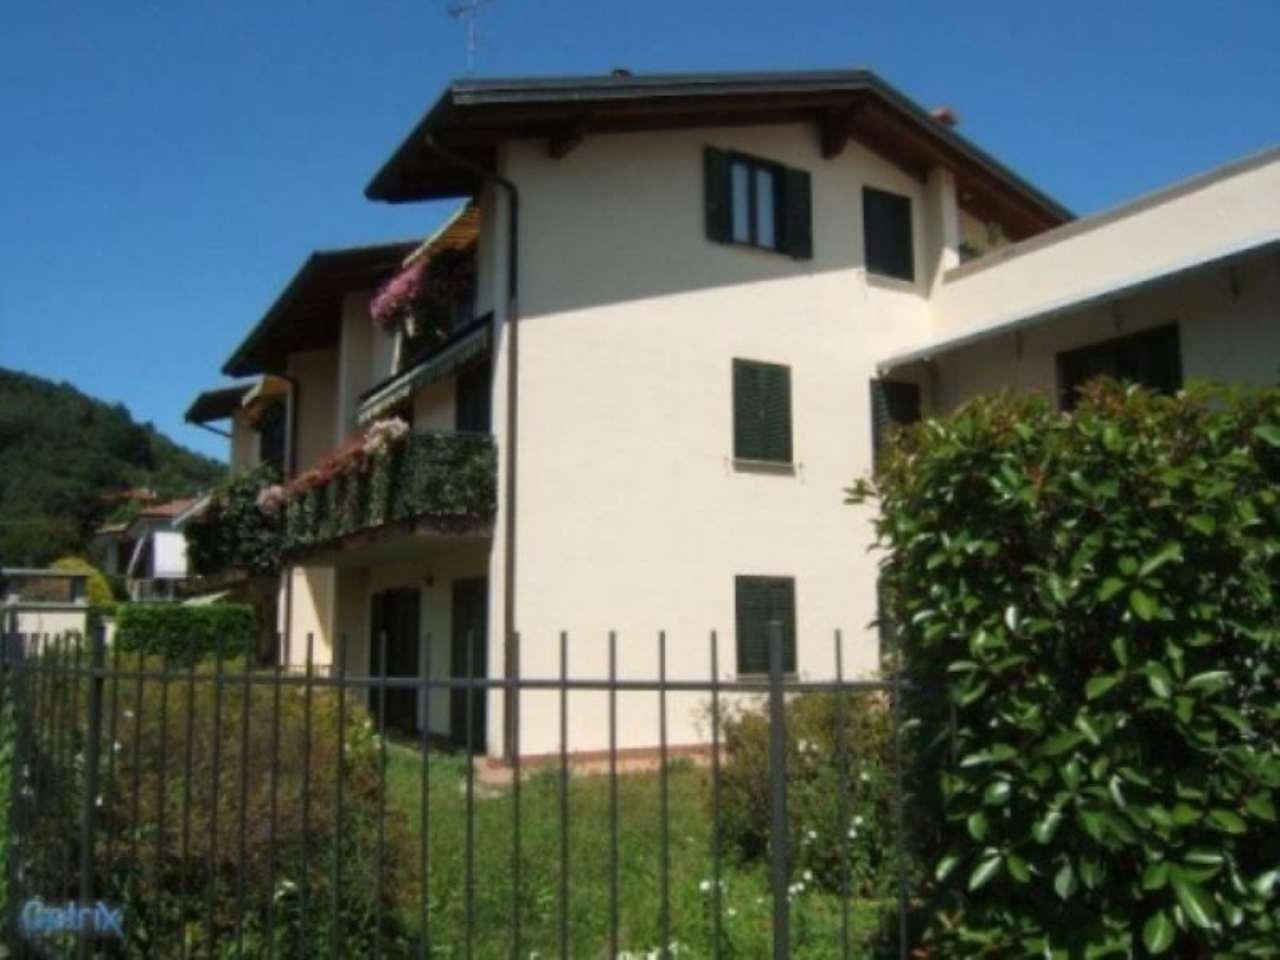 Attico / Mansarda in vendita a Sesto Calende, 3 locali, prezzo € 160.000 | Cambio Casa.it